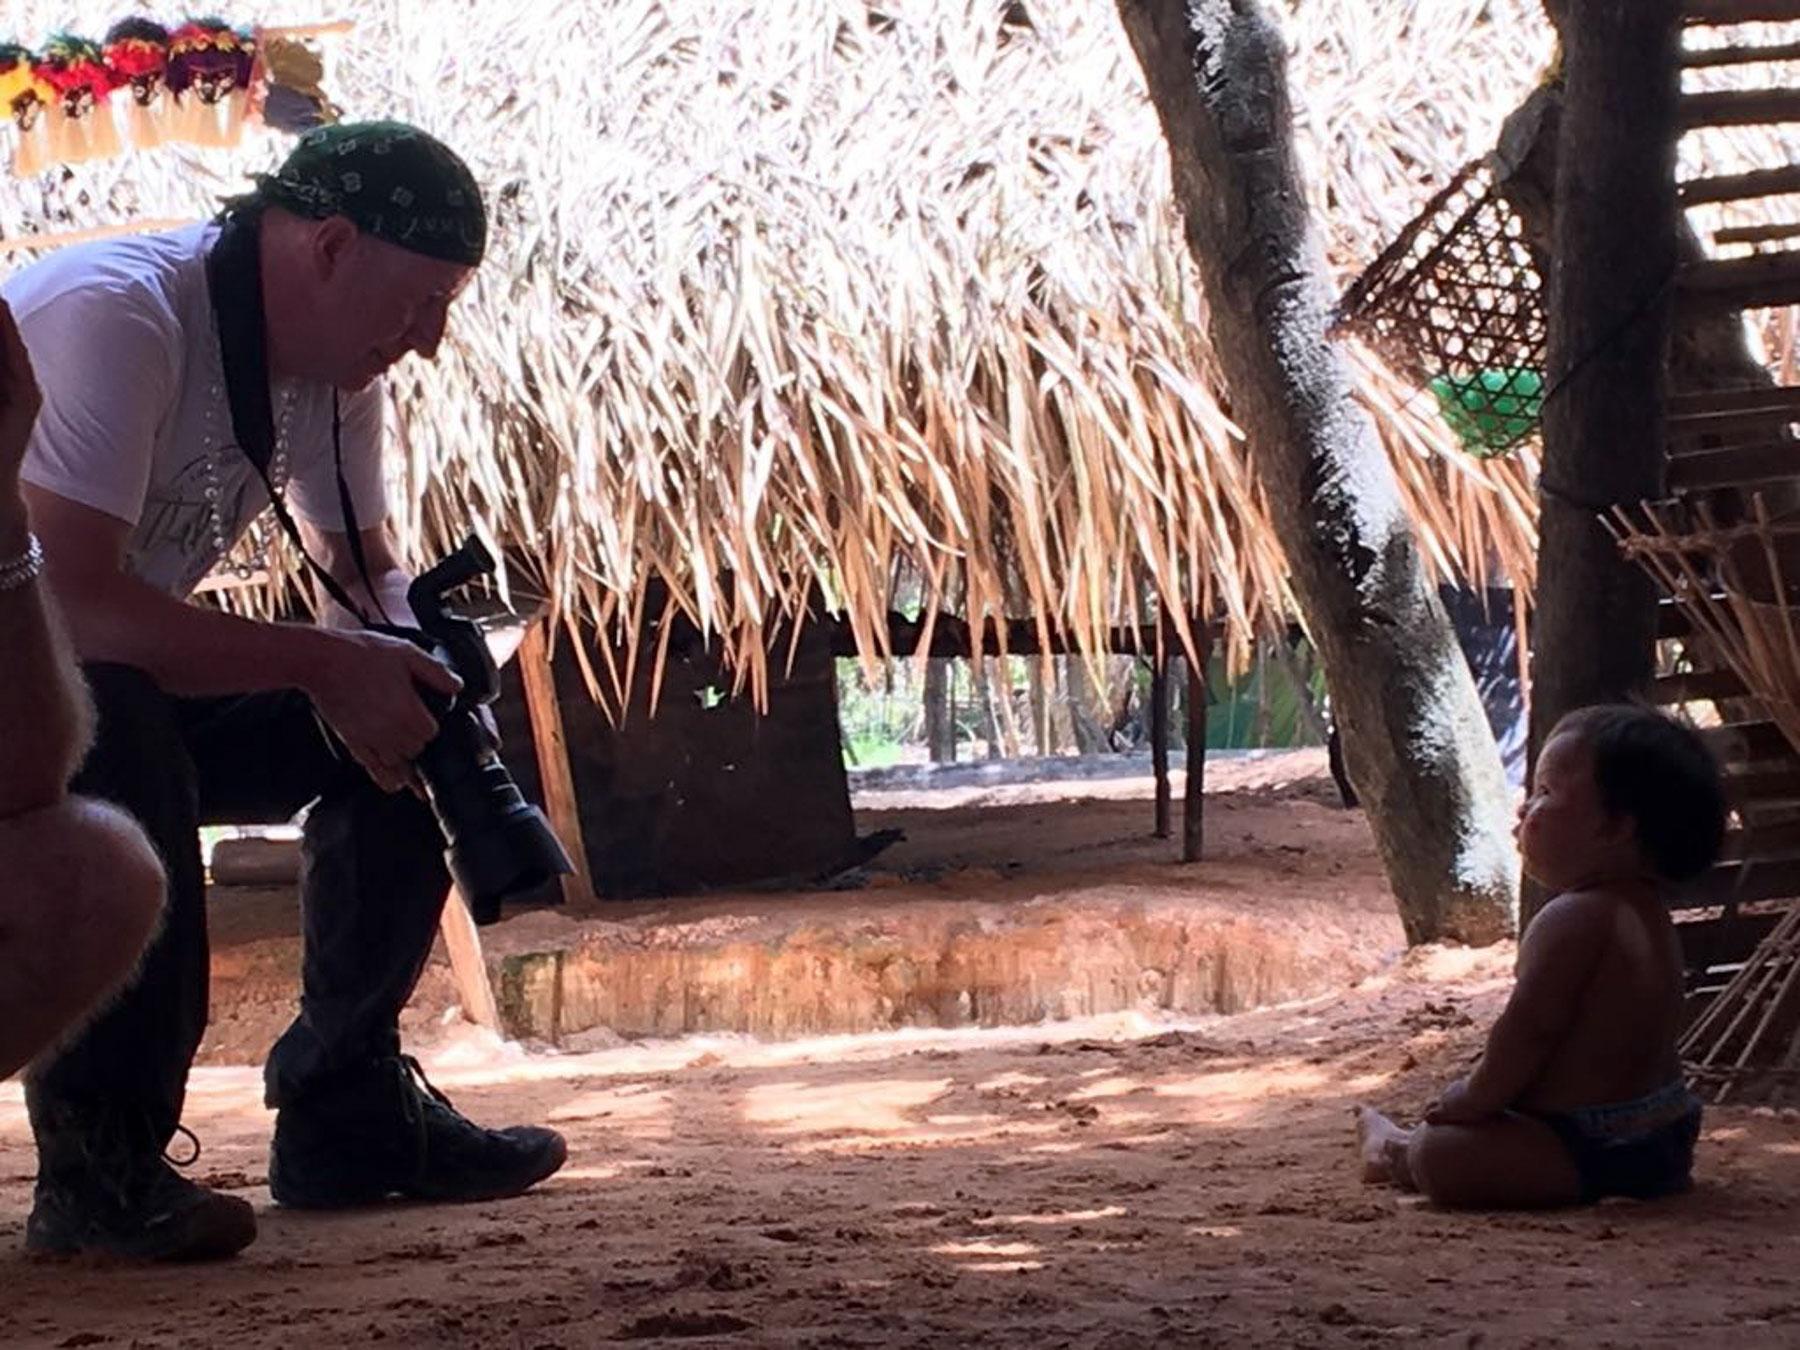 Fotograf kommuniziert mit einem kleinen Kogi-Urvolkkind